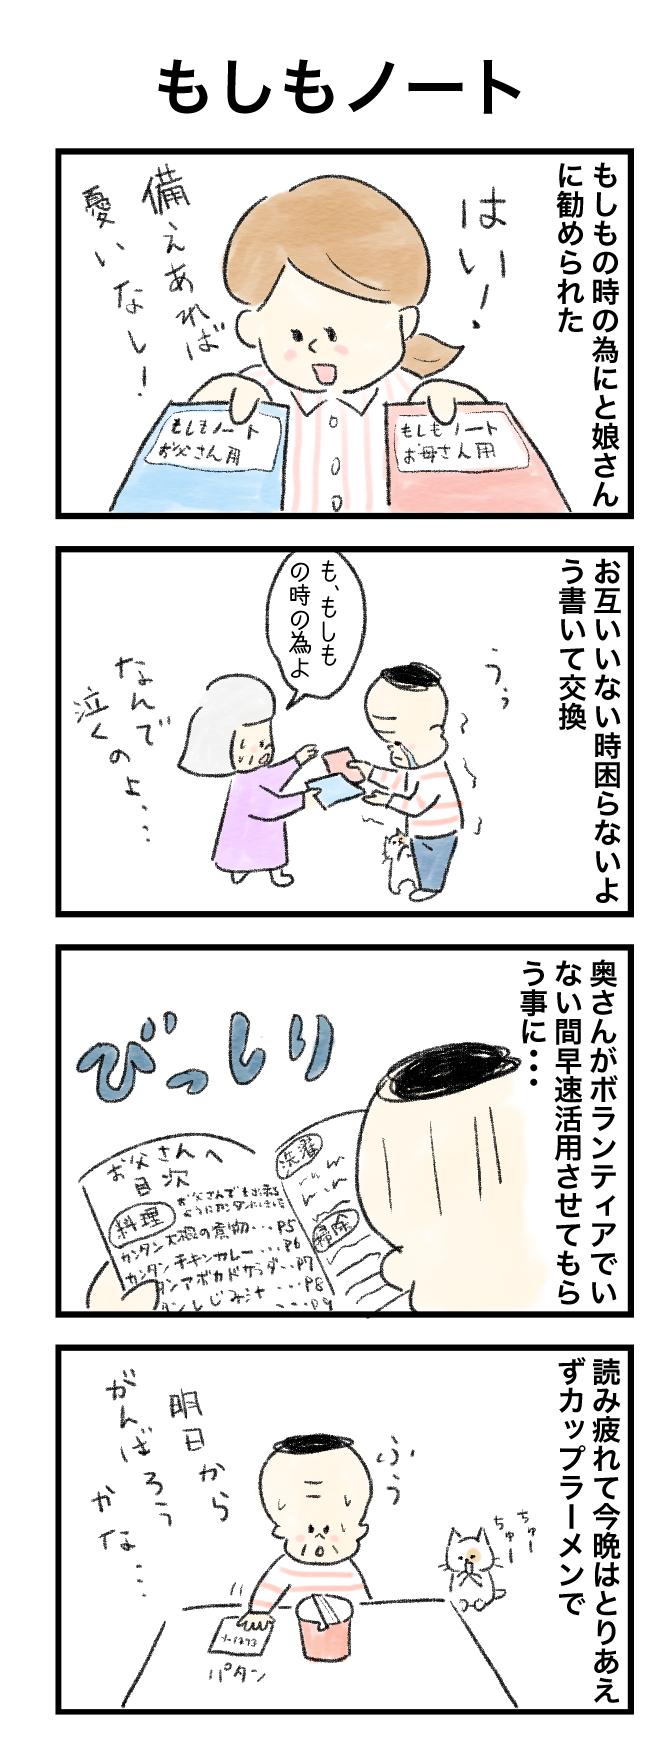 今日の泉谷さん【50】 作:カワサキヒロシ「もしもノート」